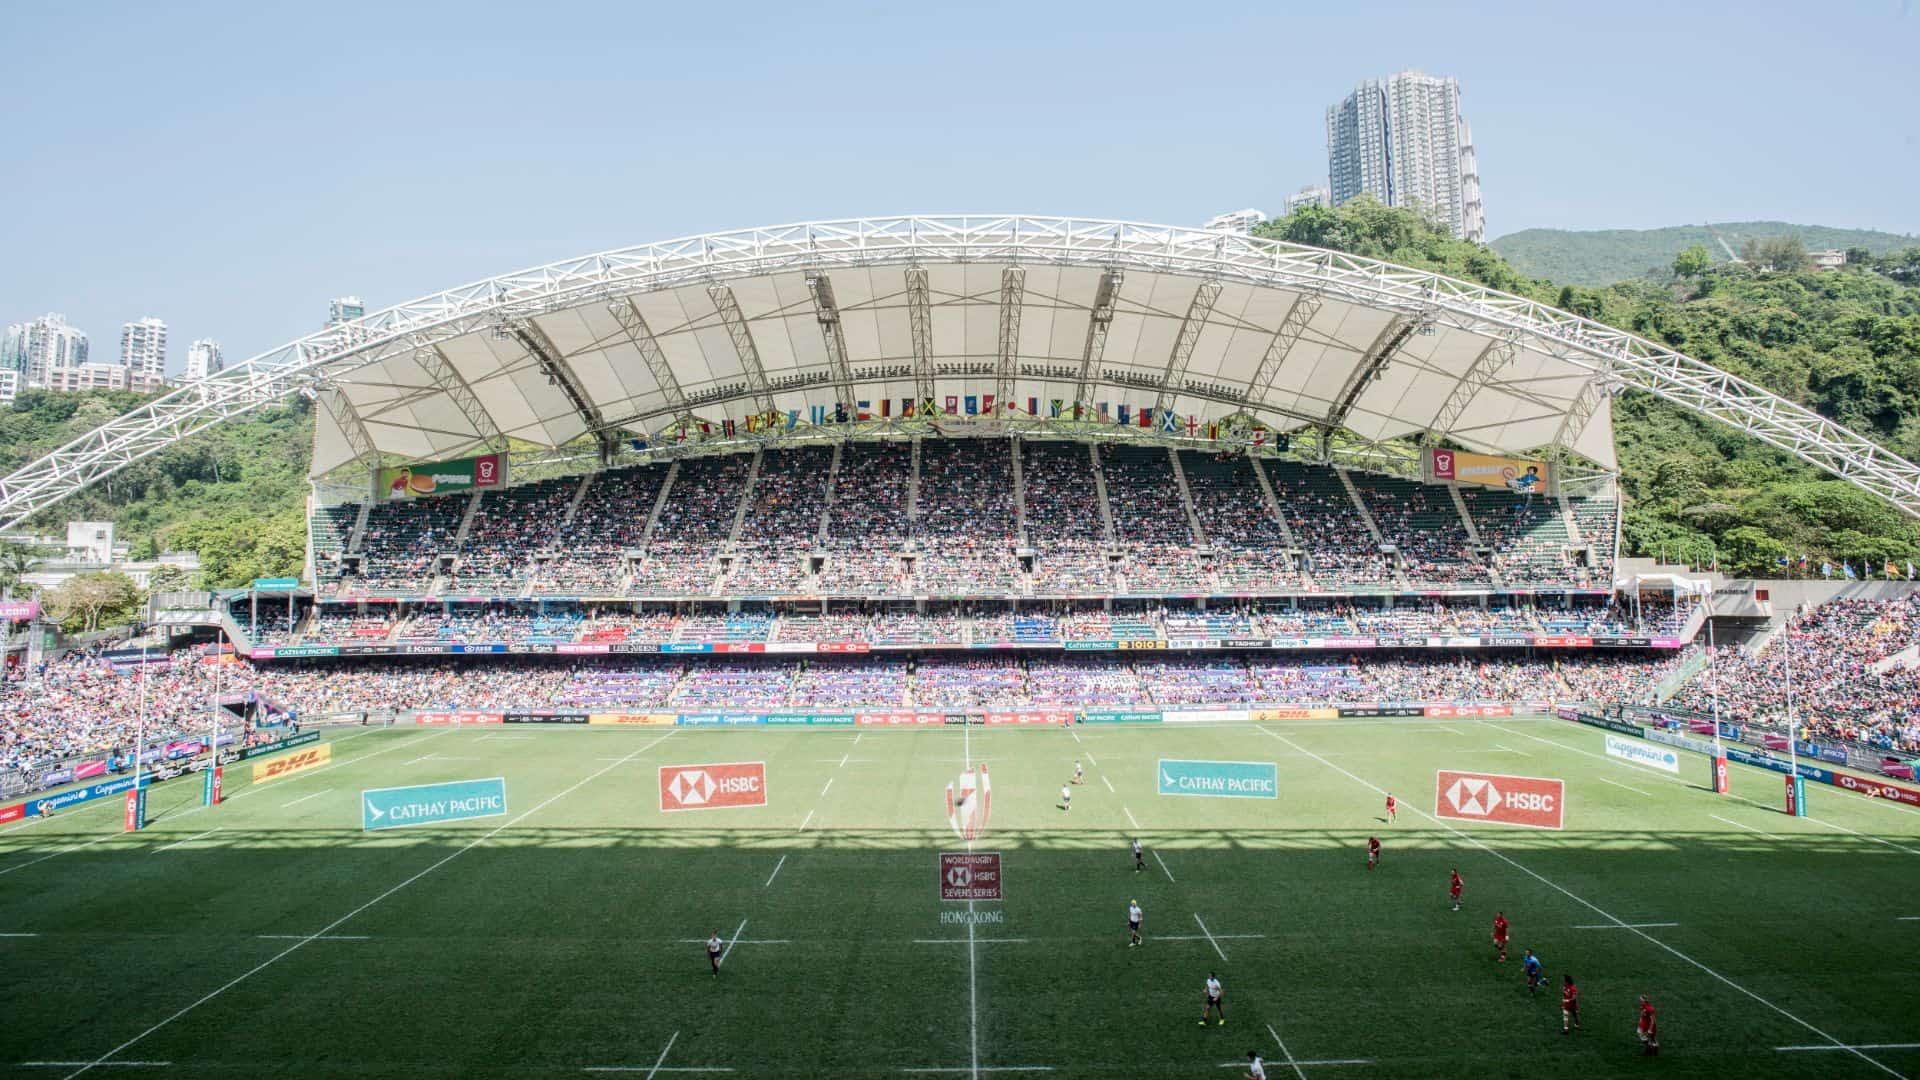 Hong Kong Sevens 2020